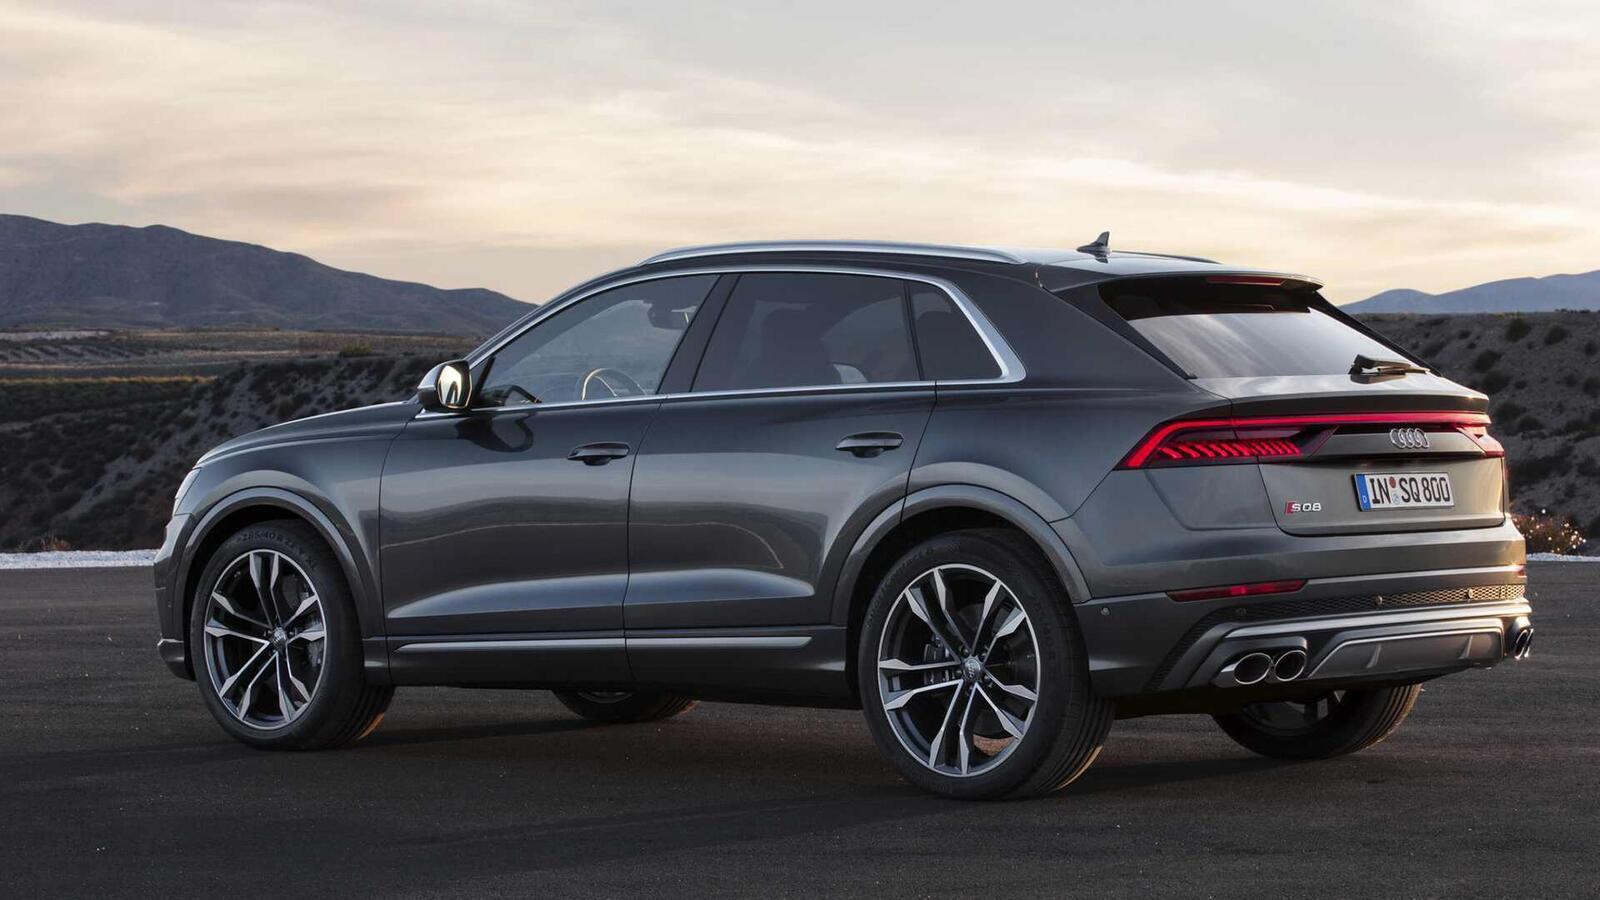 Audi SQ8 ra mắt lắp máy dầu V8 4.0L mild hybrid mạnh 429 mã lực - Hình 12